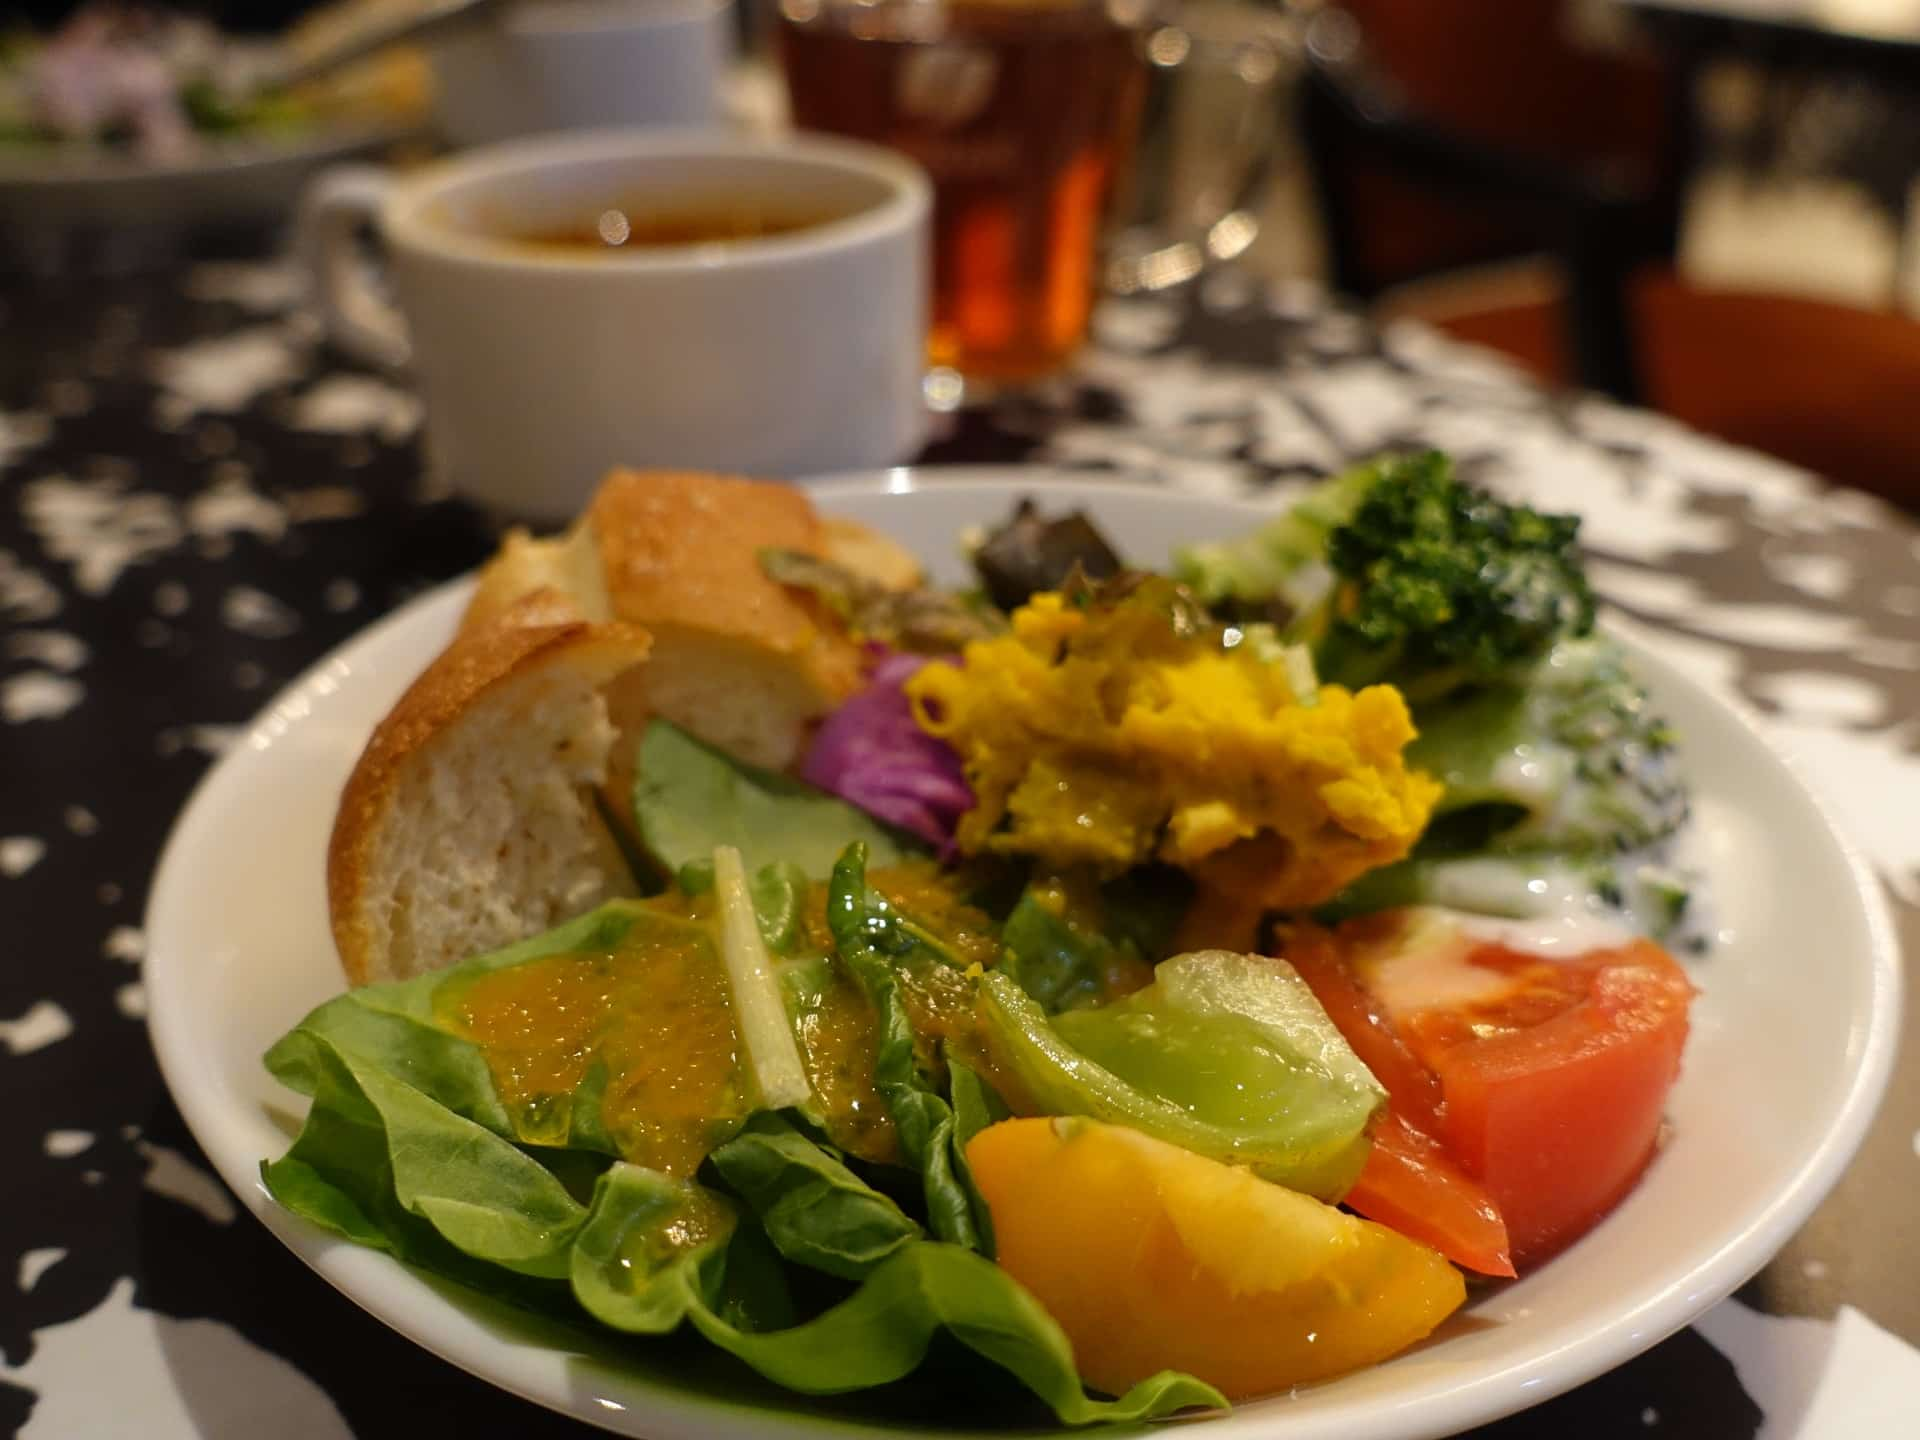 収穫祭 三宮店 − 1000円台でハーフバイキングランチ!サラダもパンも食べ放題